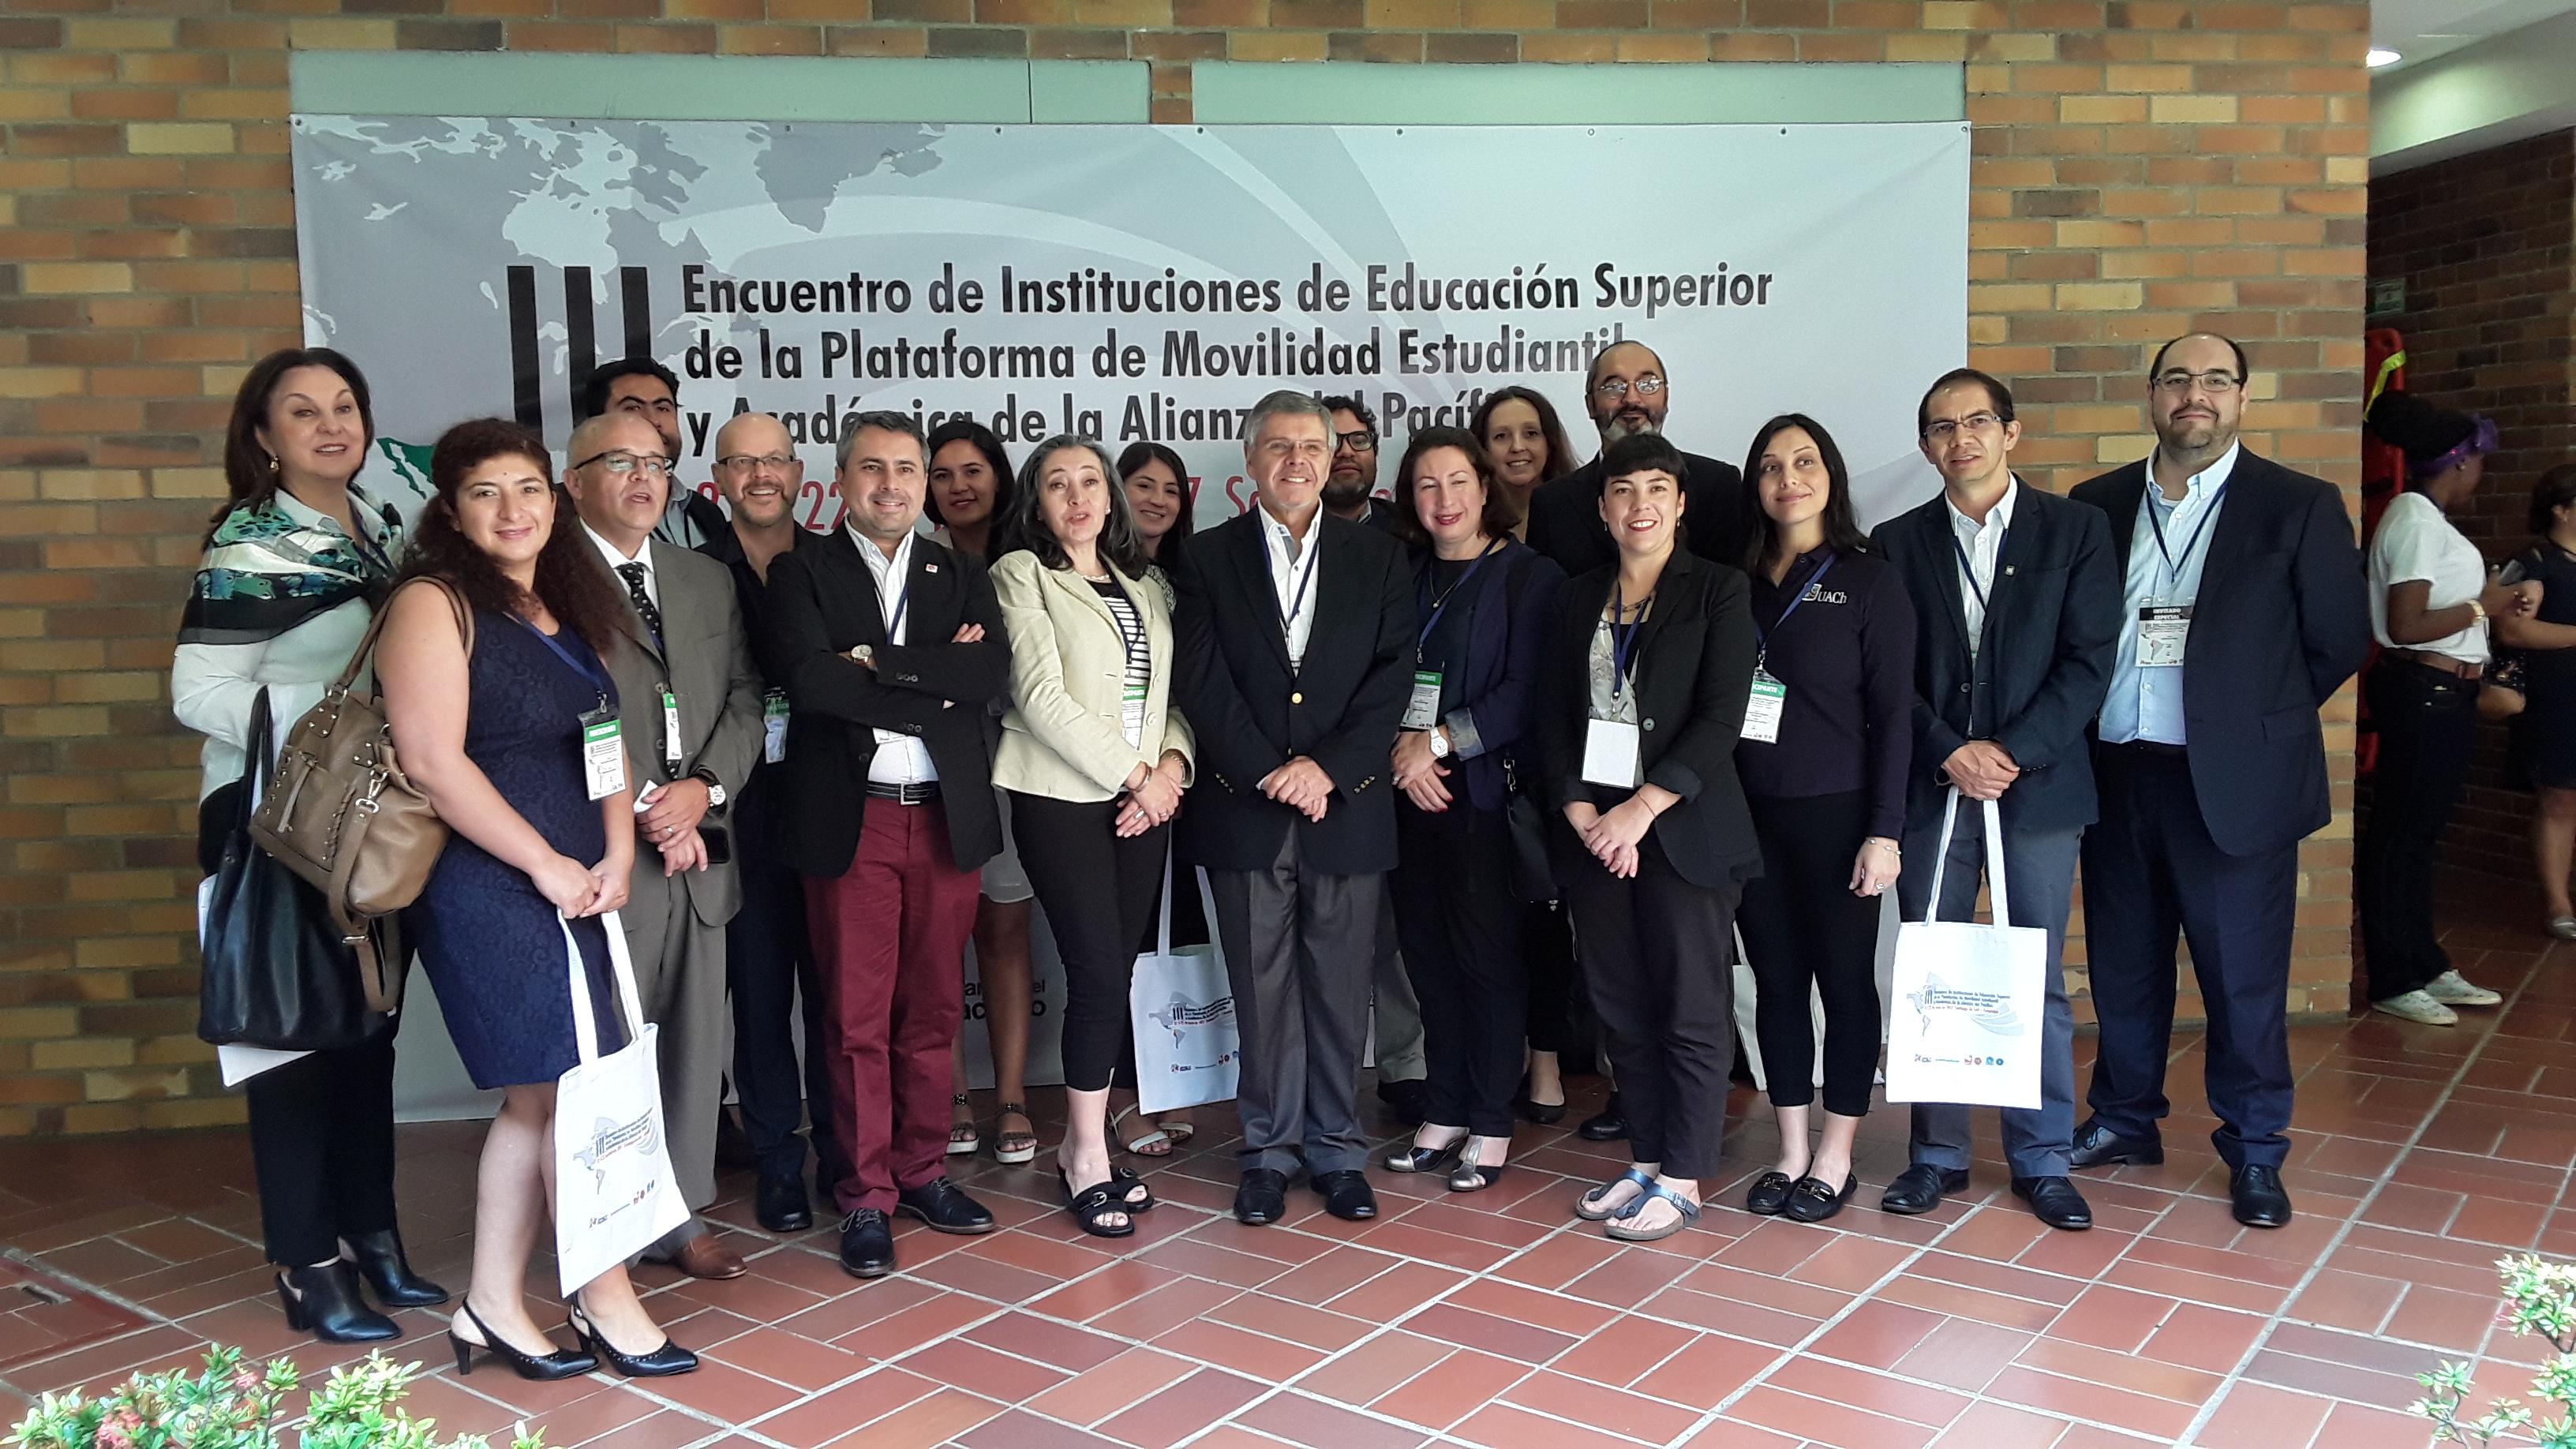 UOH participa en III Encuentro de Instituciones de Educación Superior sobre movilidad estudiantil y académica de la Alianza del Pacífico en Colombia